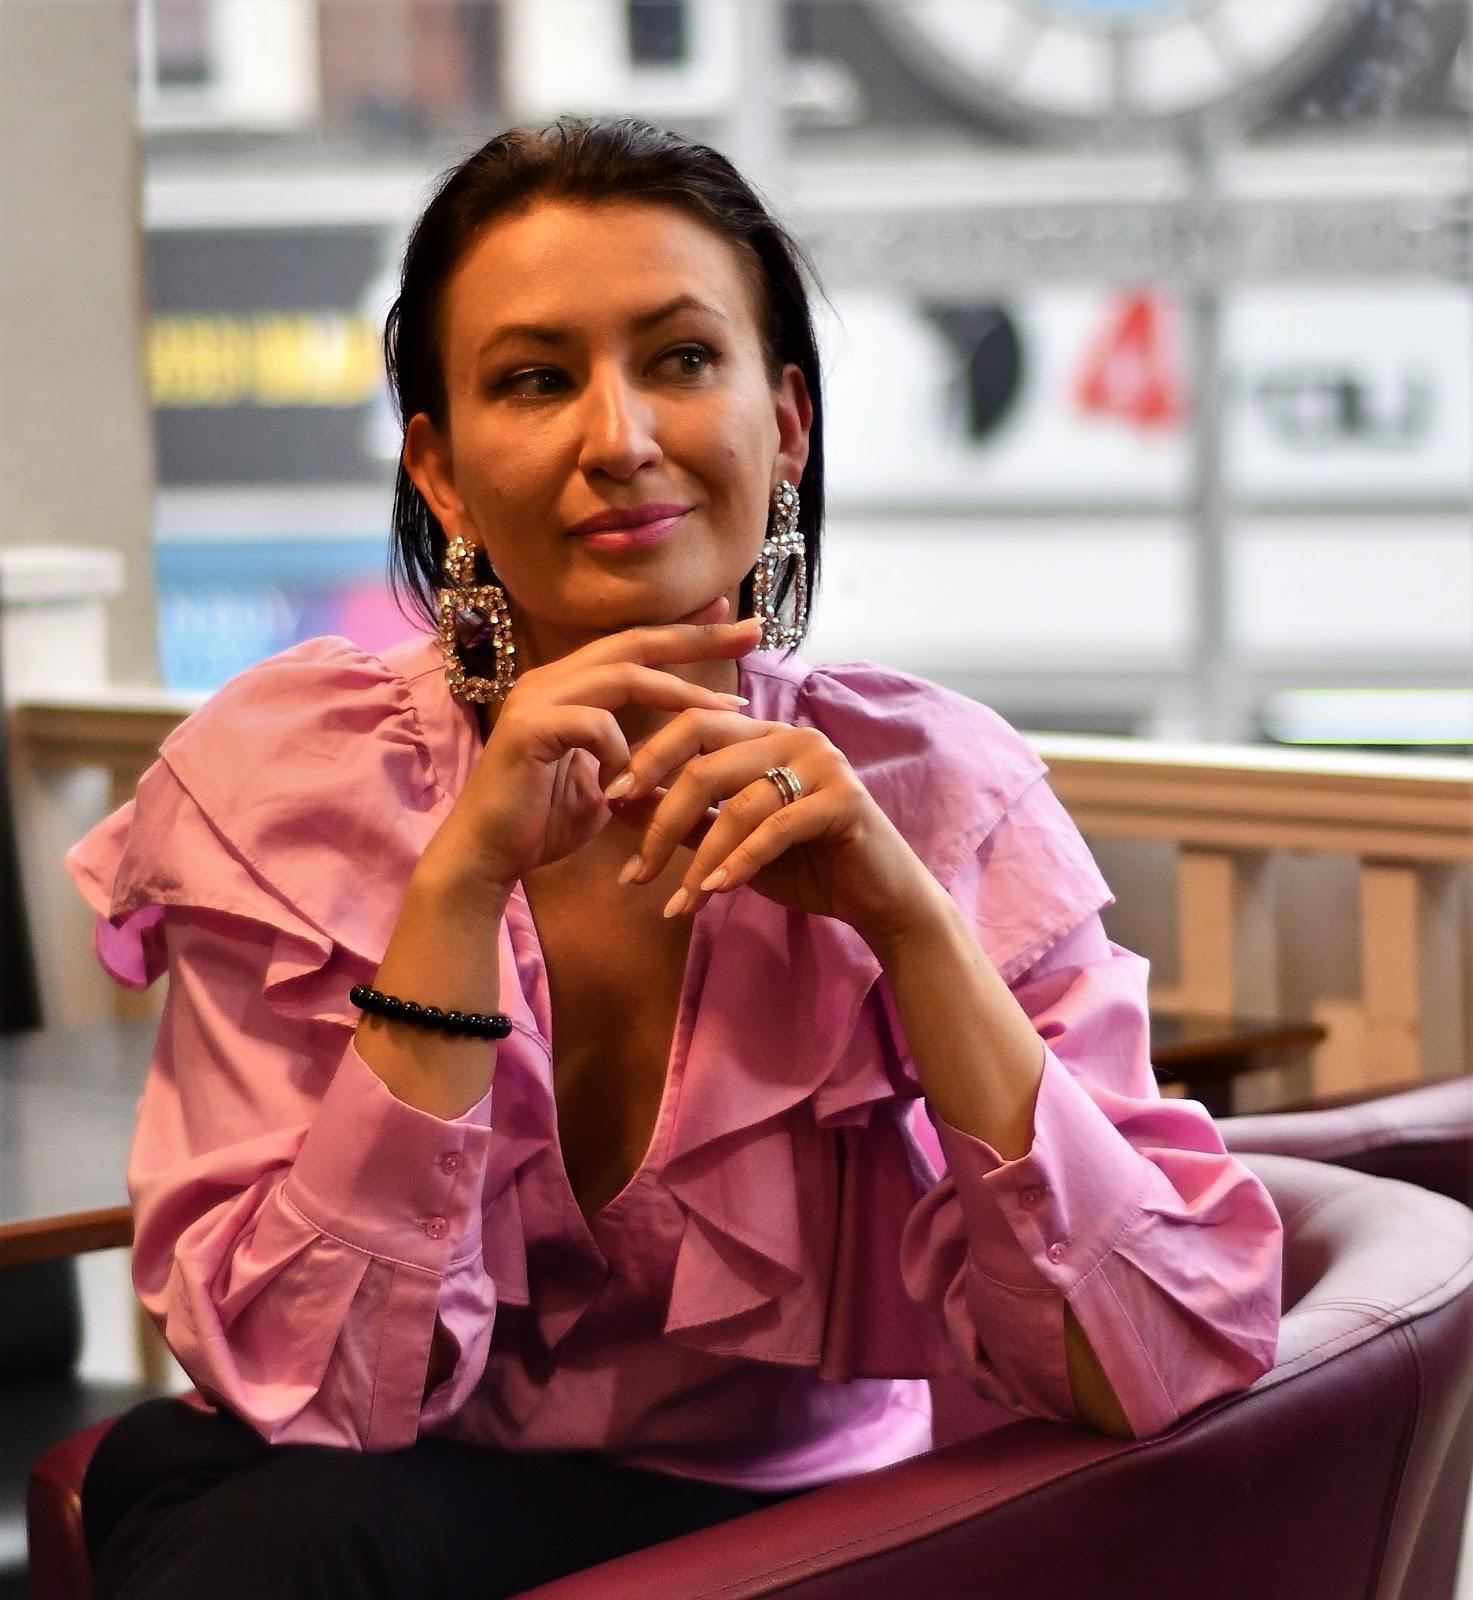 Adriana Style Blog, blog modowy Puławy, bluzka z falbaną, Fashion, Frill blouse, H&M Frill Blouse, High Heels, Kolczyki Zara, moda, NEXT Trousers, Styl, Style, Szpilki, Zara Earrings